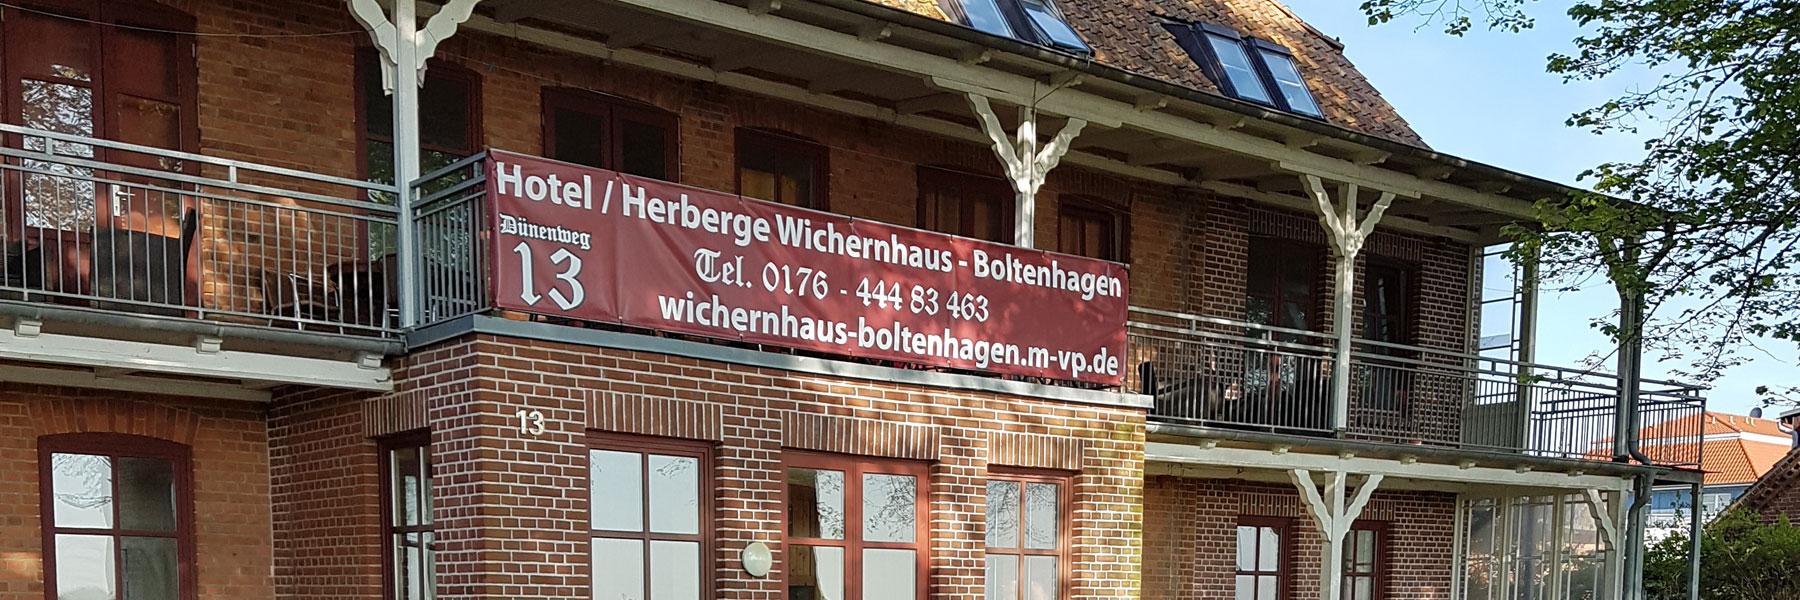 Fritz Reuter Haus - Wichernhaus Boltenhagen